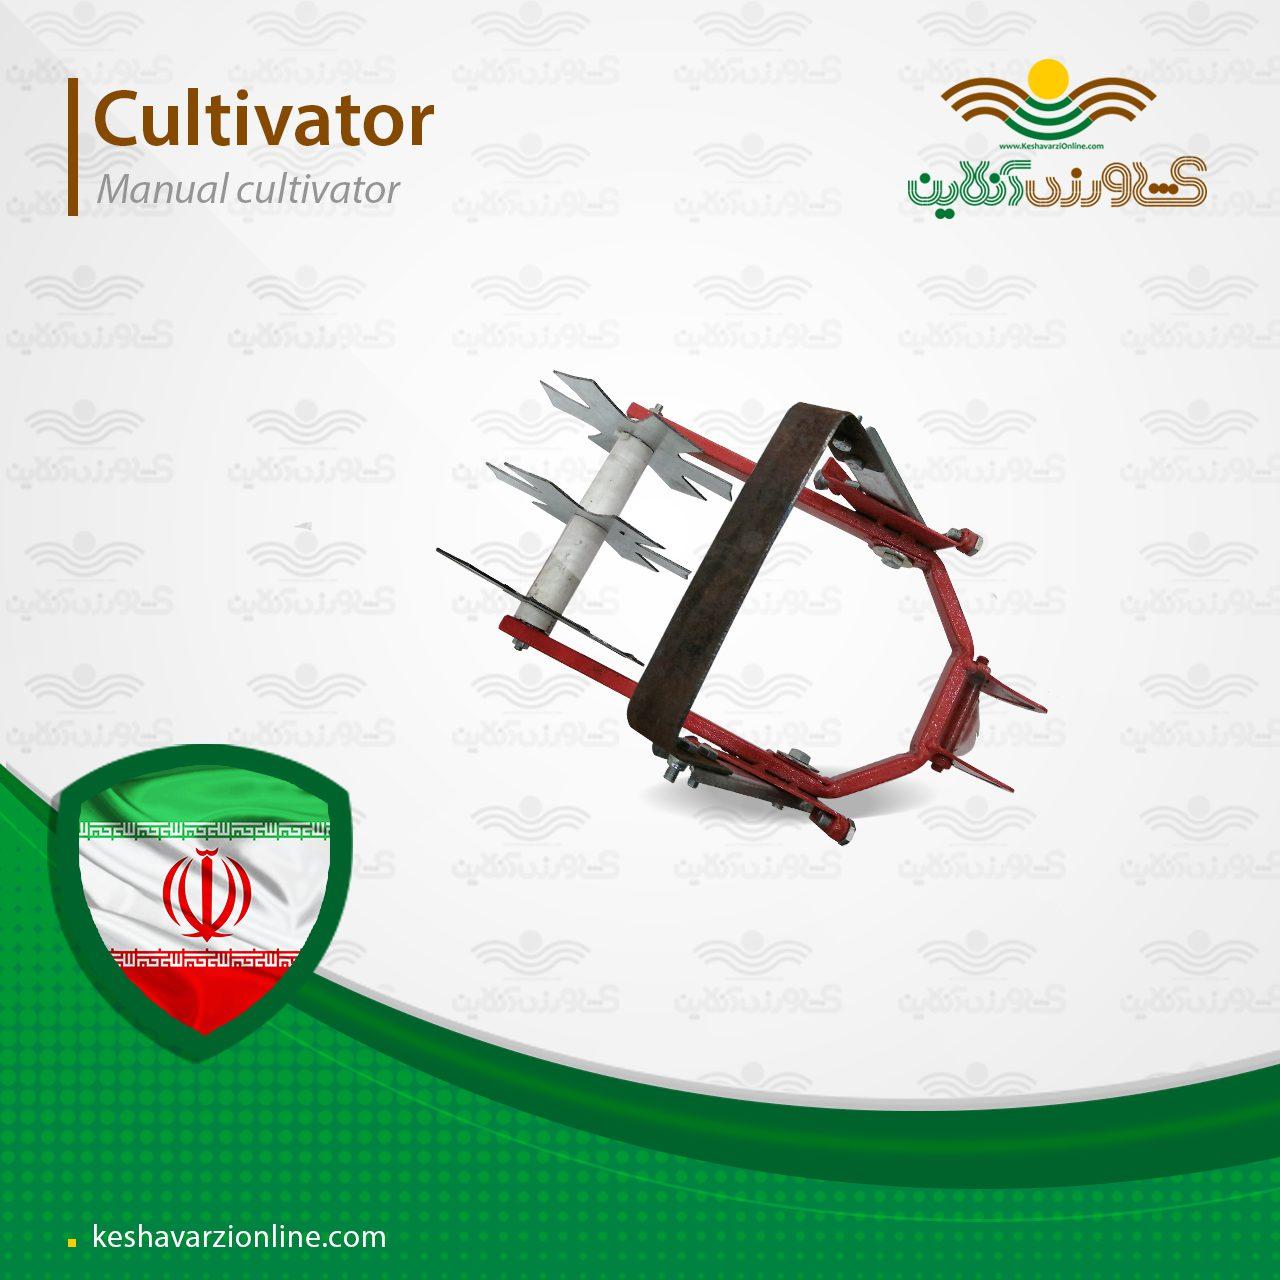 کولتیواتور دستی یا وجین کن دستی مخصوص مزارع کوچک